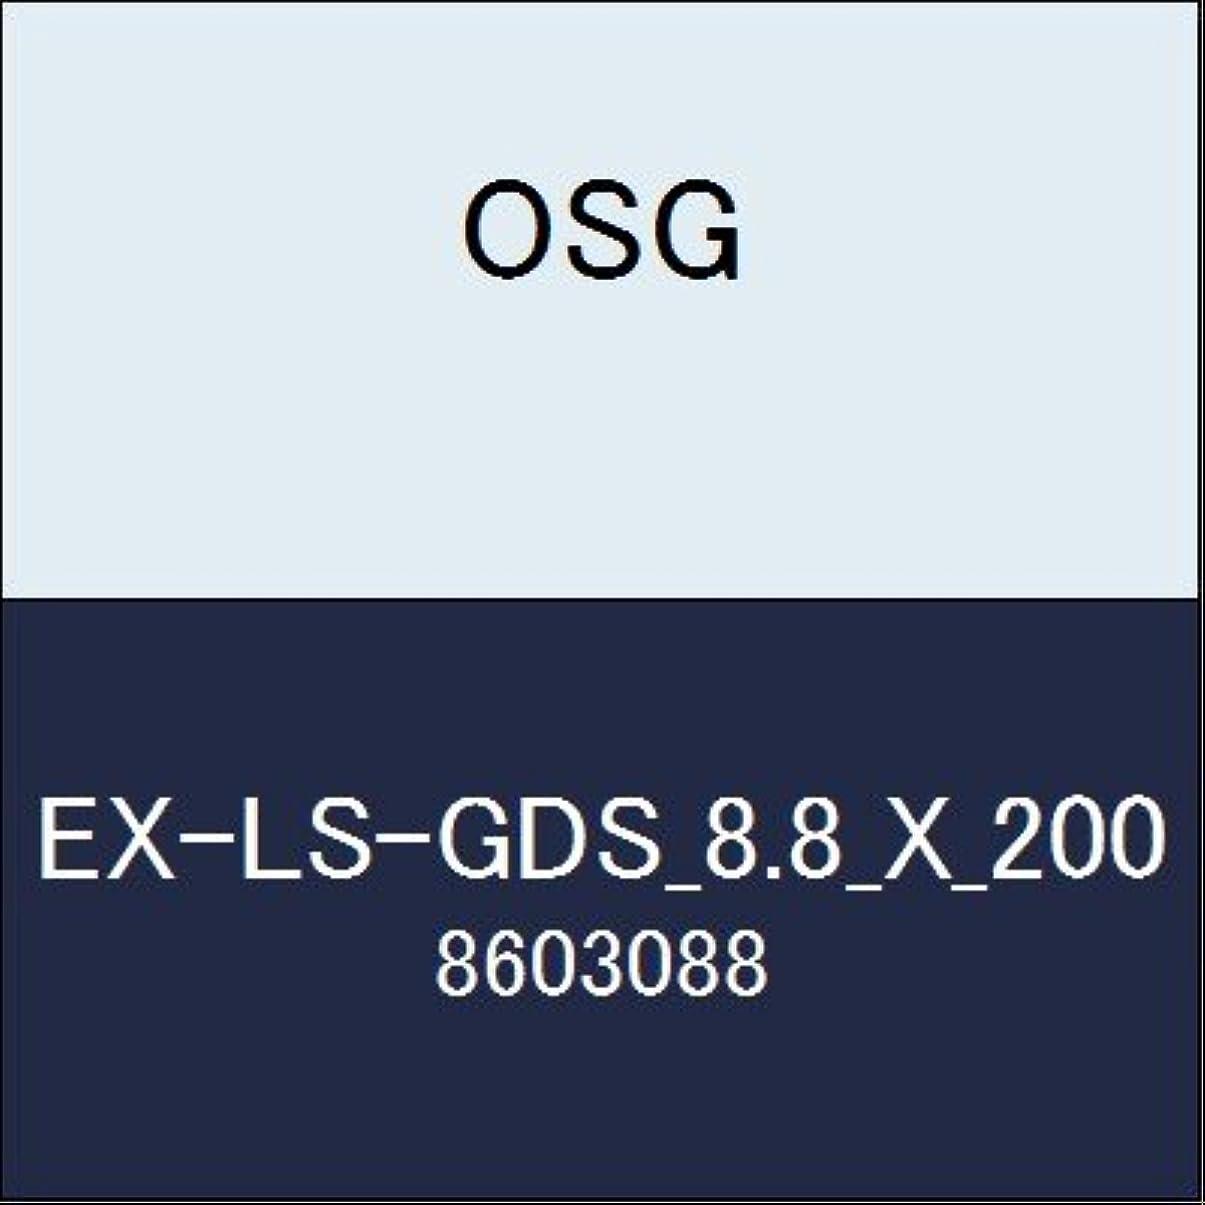 れる変形スポーツOSG ドリル EX-LS-GDS_8.8_X_200 商品番号 8603088